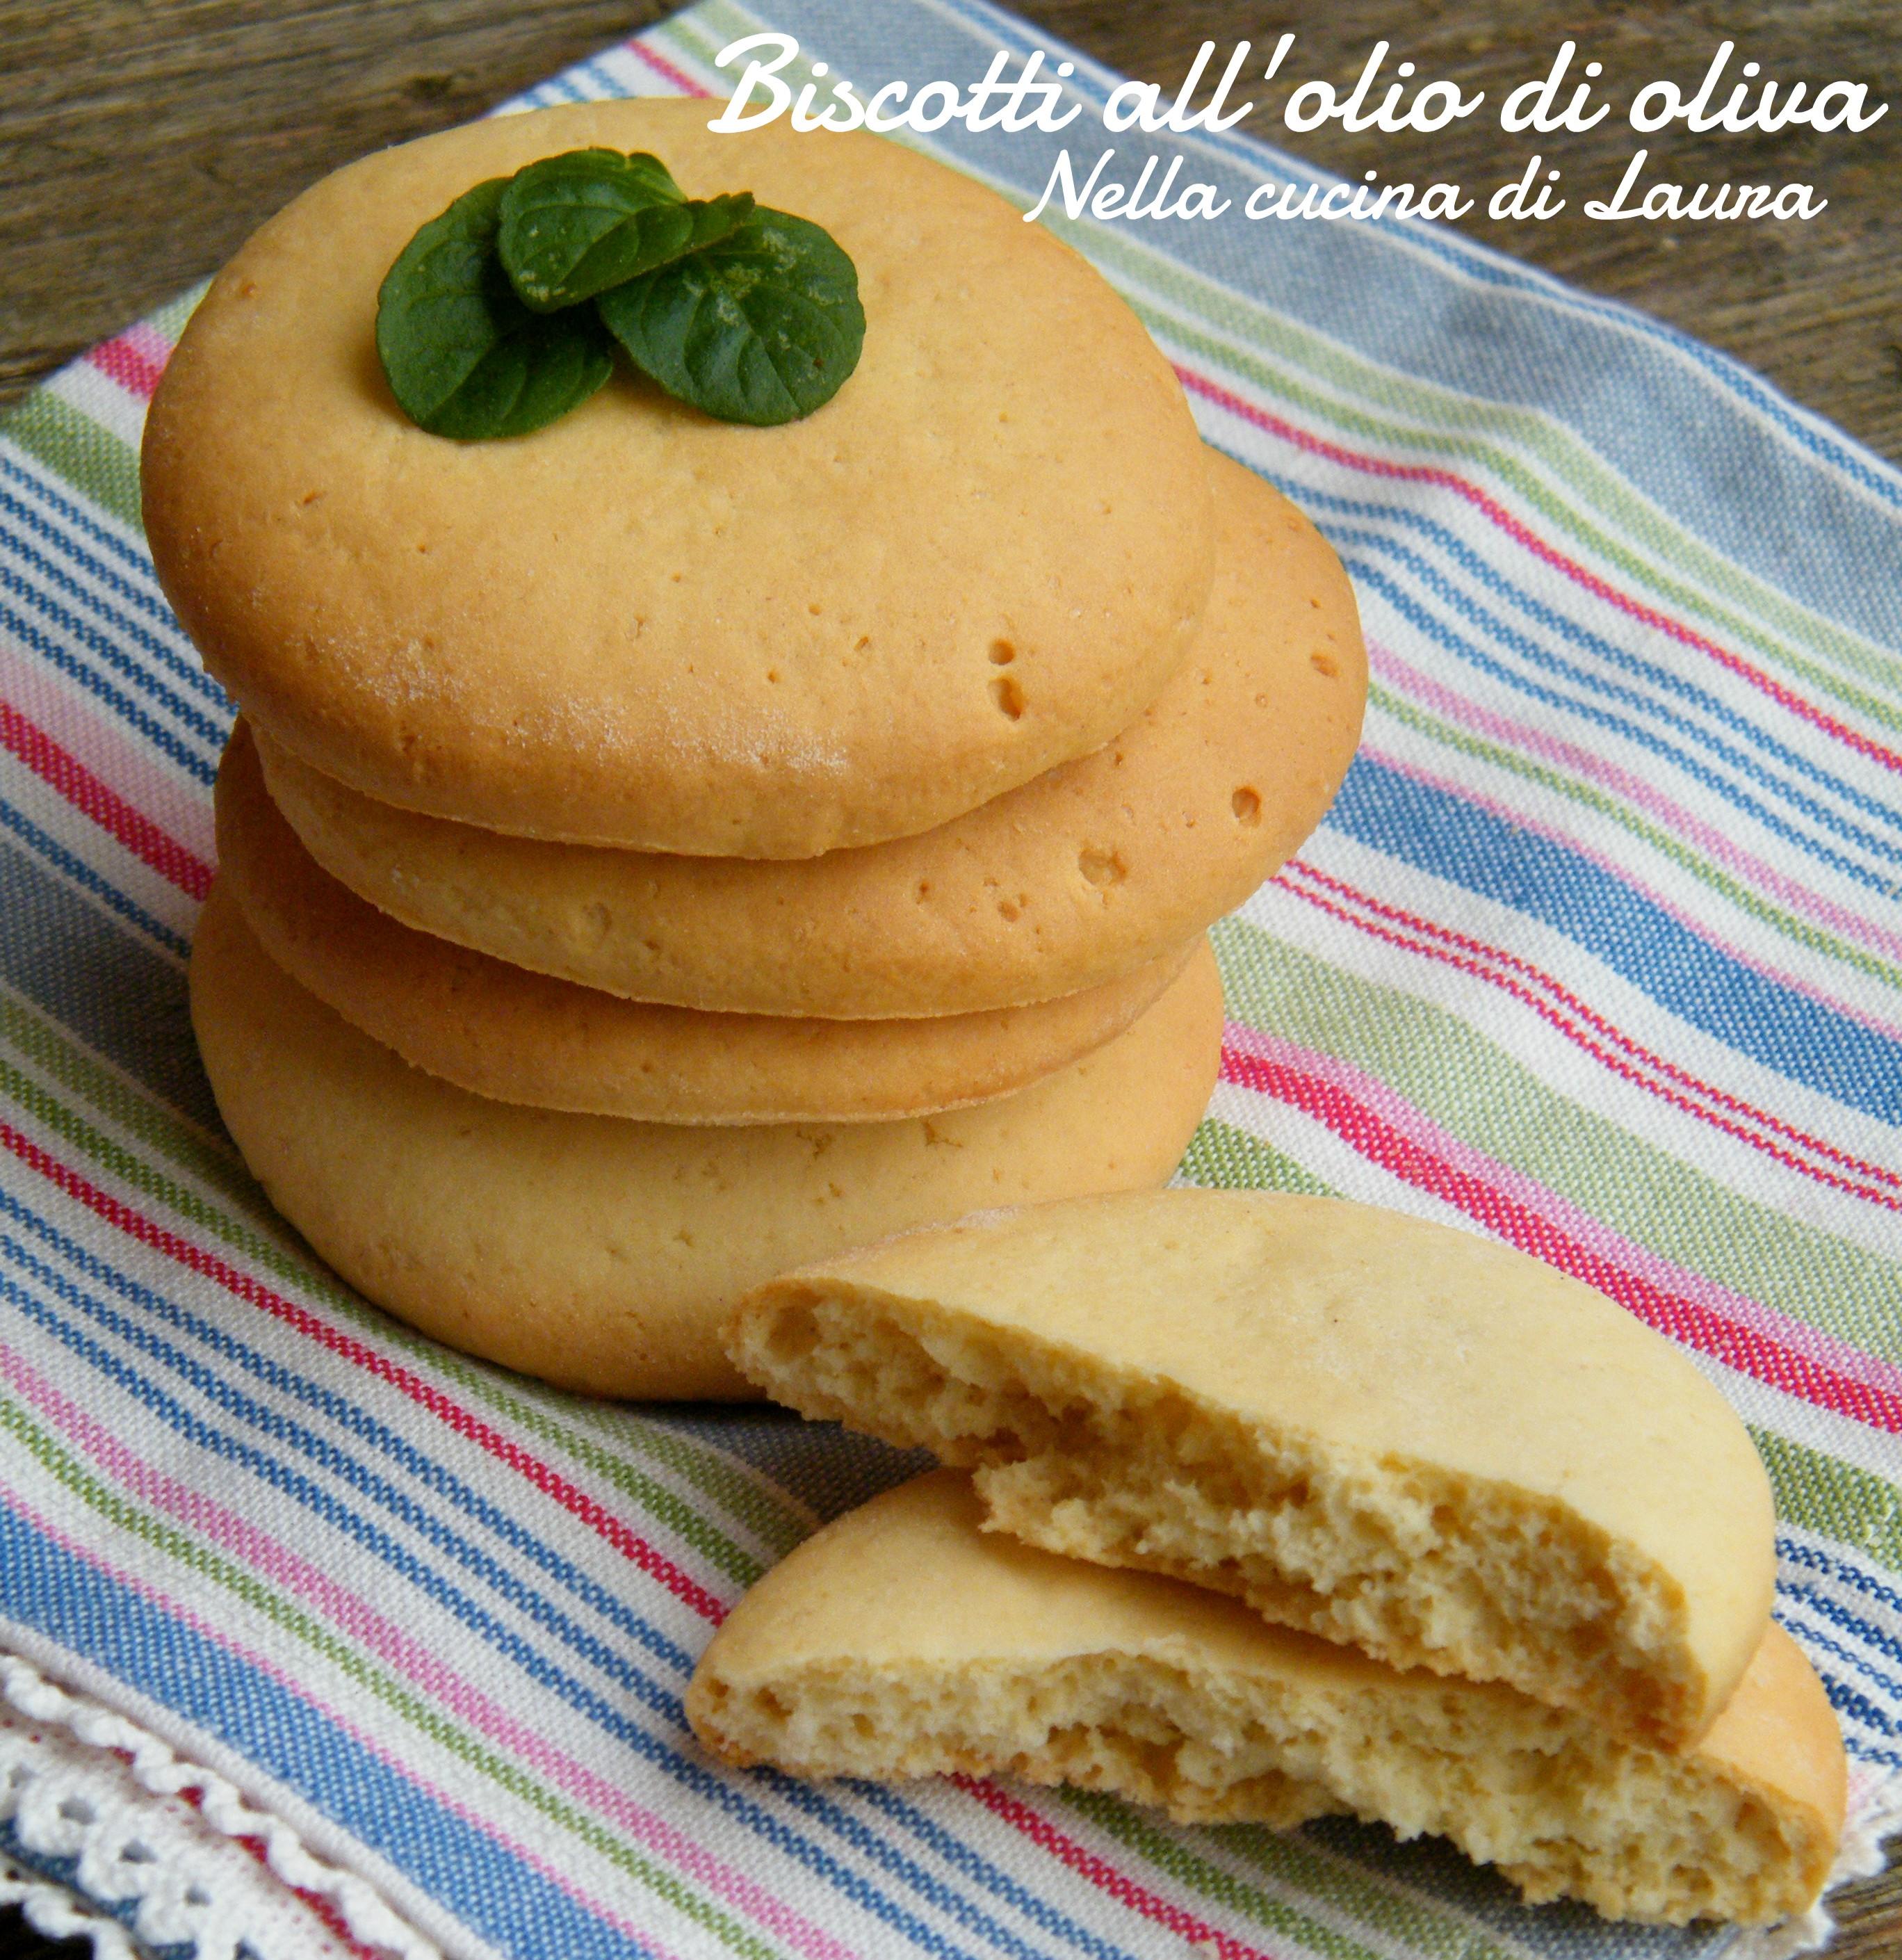 biscotti all'olio di oliva - nella cucina di laura